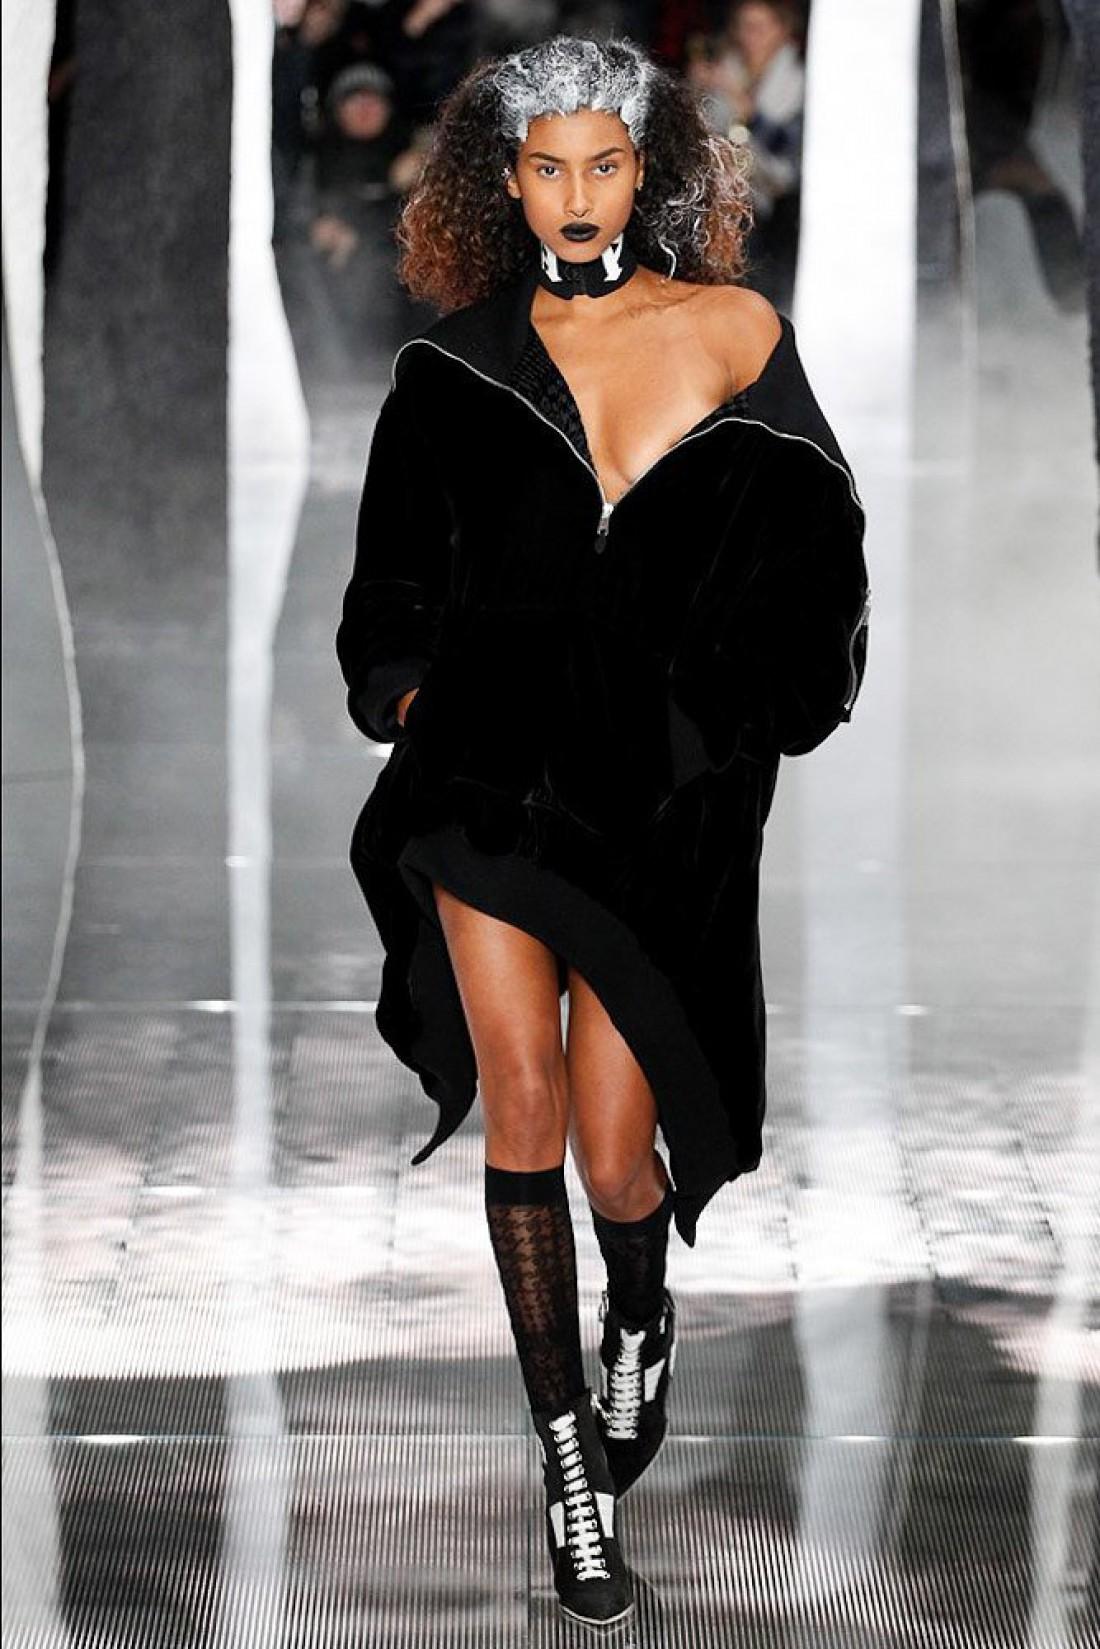 Показ Рианны на Неделе моды в Нью-Йорке  интересные факты - Тренды ... 11b0375b8e6